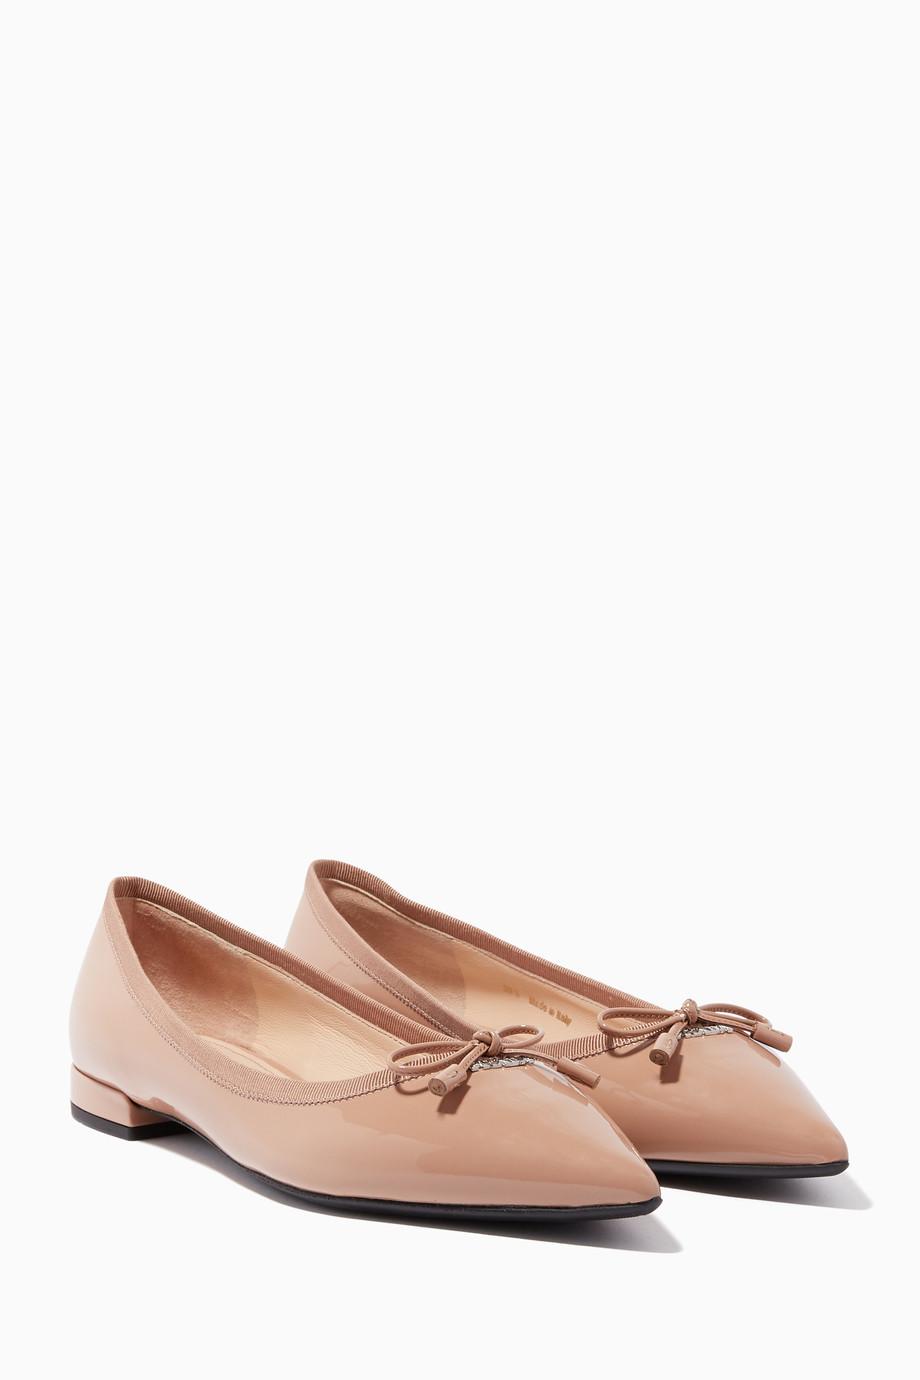 c8eaea444 تسوق حذاء باليرينا من الجلد اللامع بيج برادا لون طبيعى للنساء ...